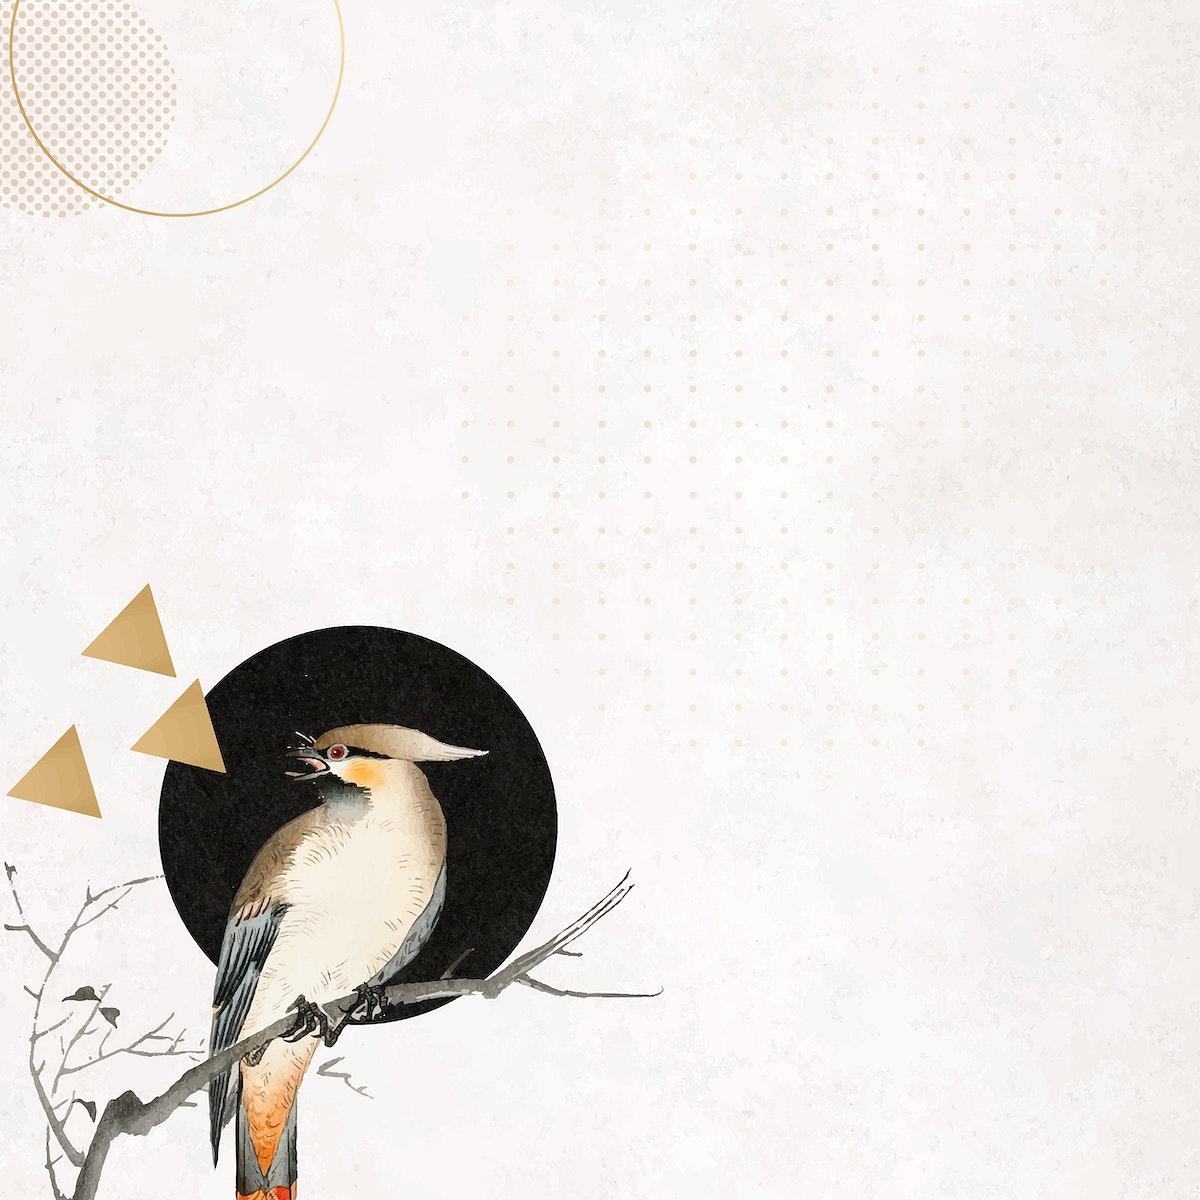 Bird on a branch frame vector mobile phone wallpaper